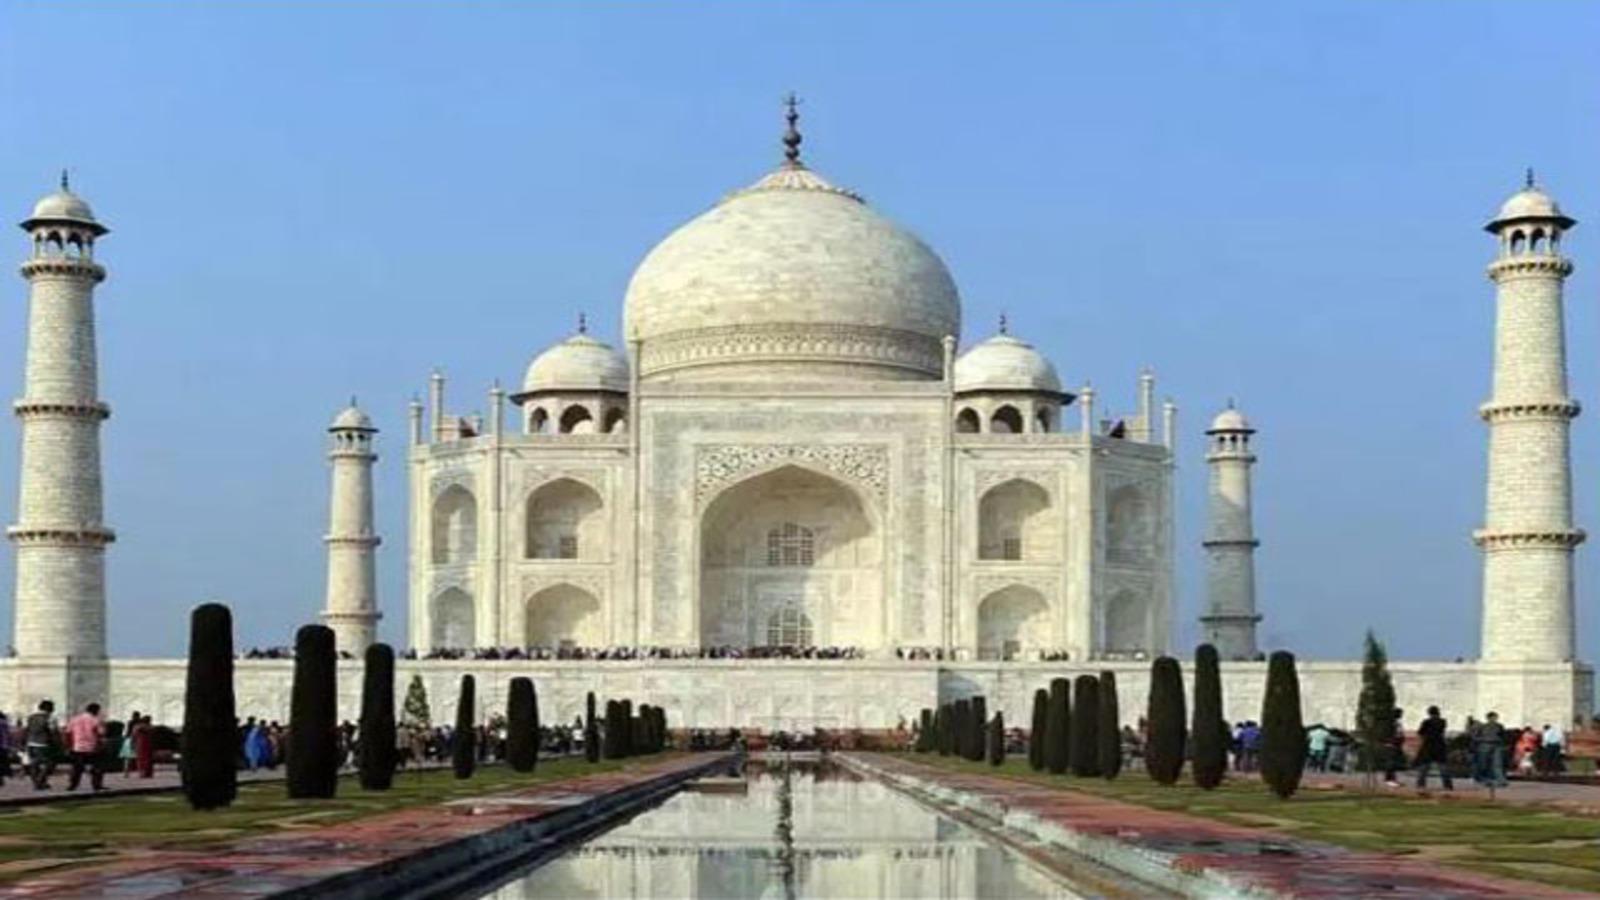 Brazilian President Jair Bolsonaro to visit Taj Mahal in Agra today